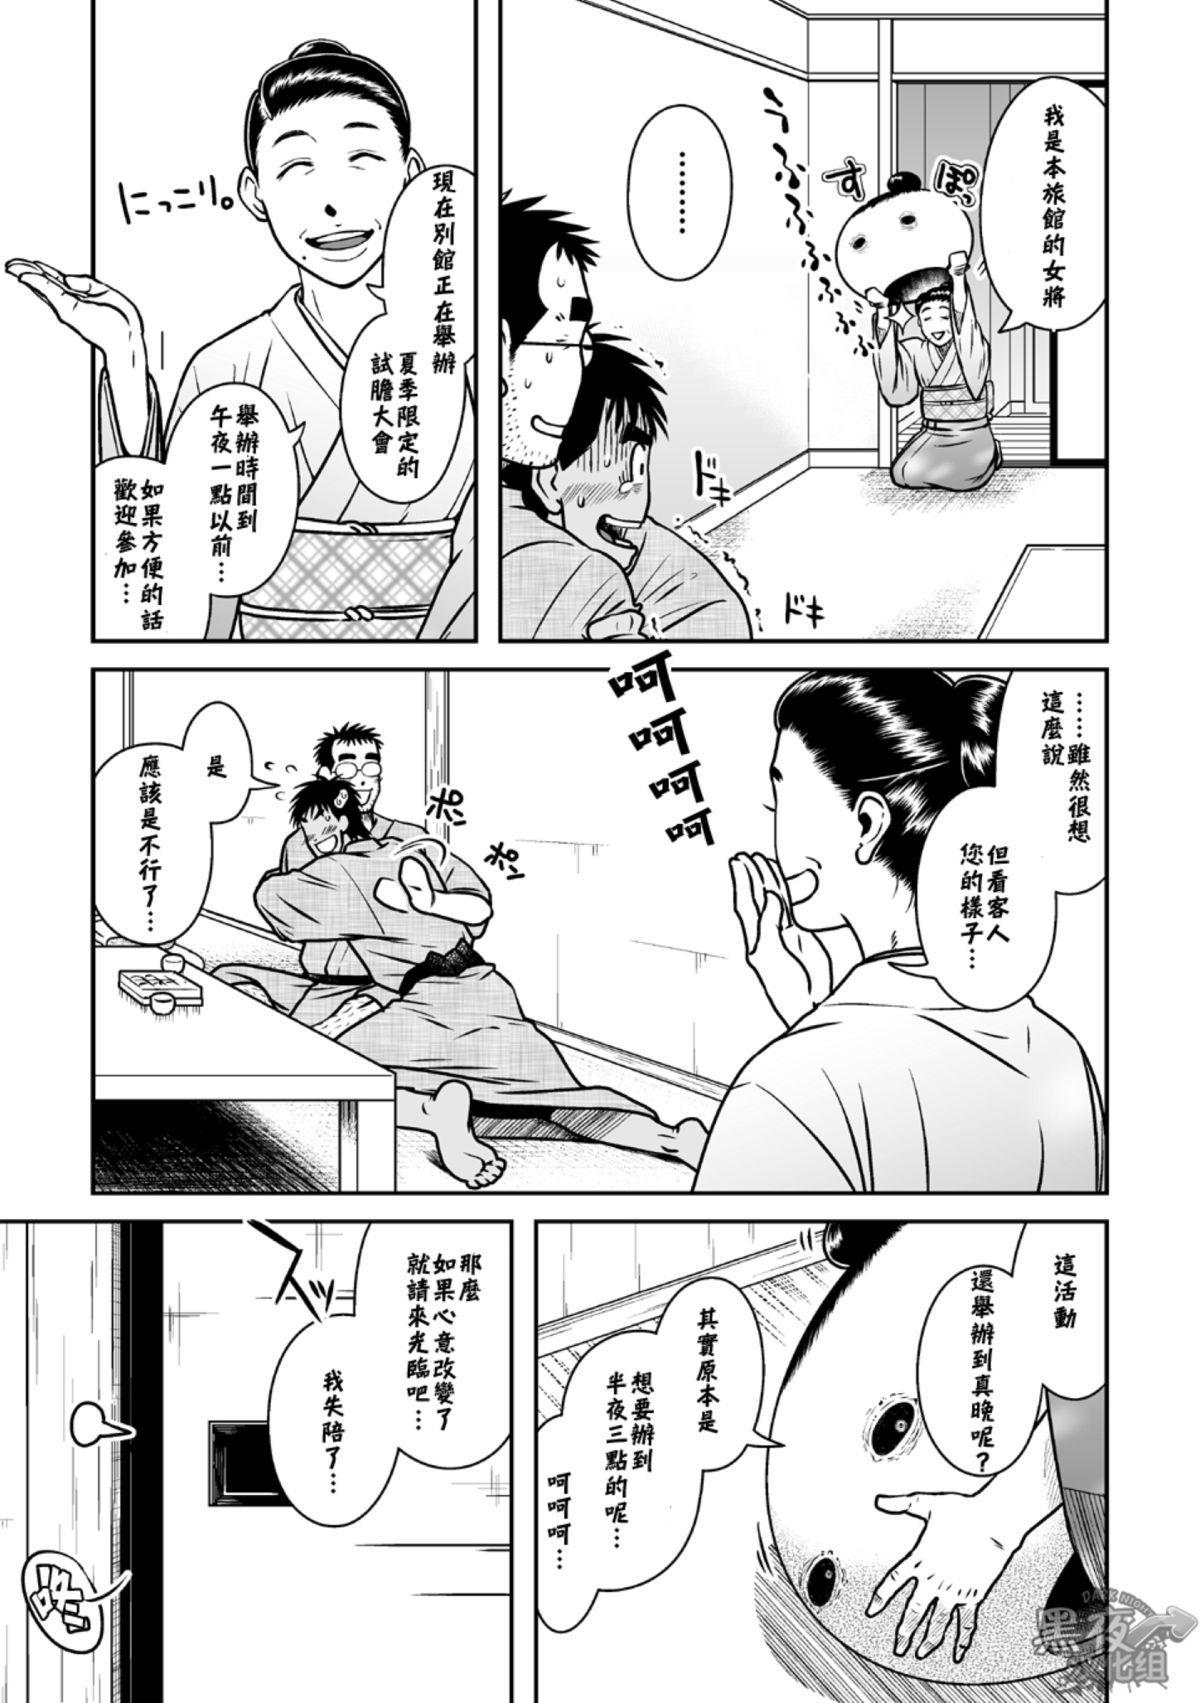 Hatsukoi Shoten 2 - Bururi Kaidan Ryokan | 初戀書店 2 10